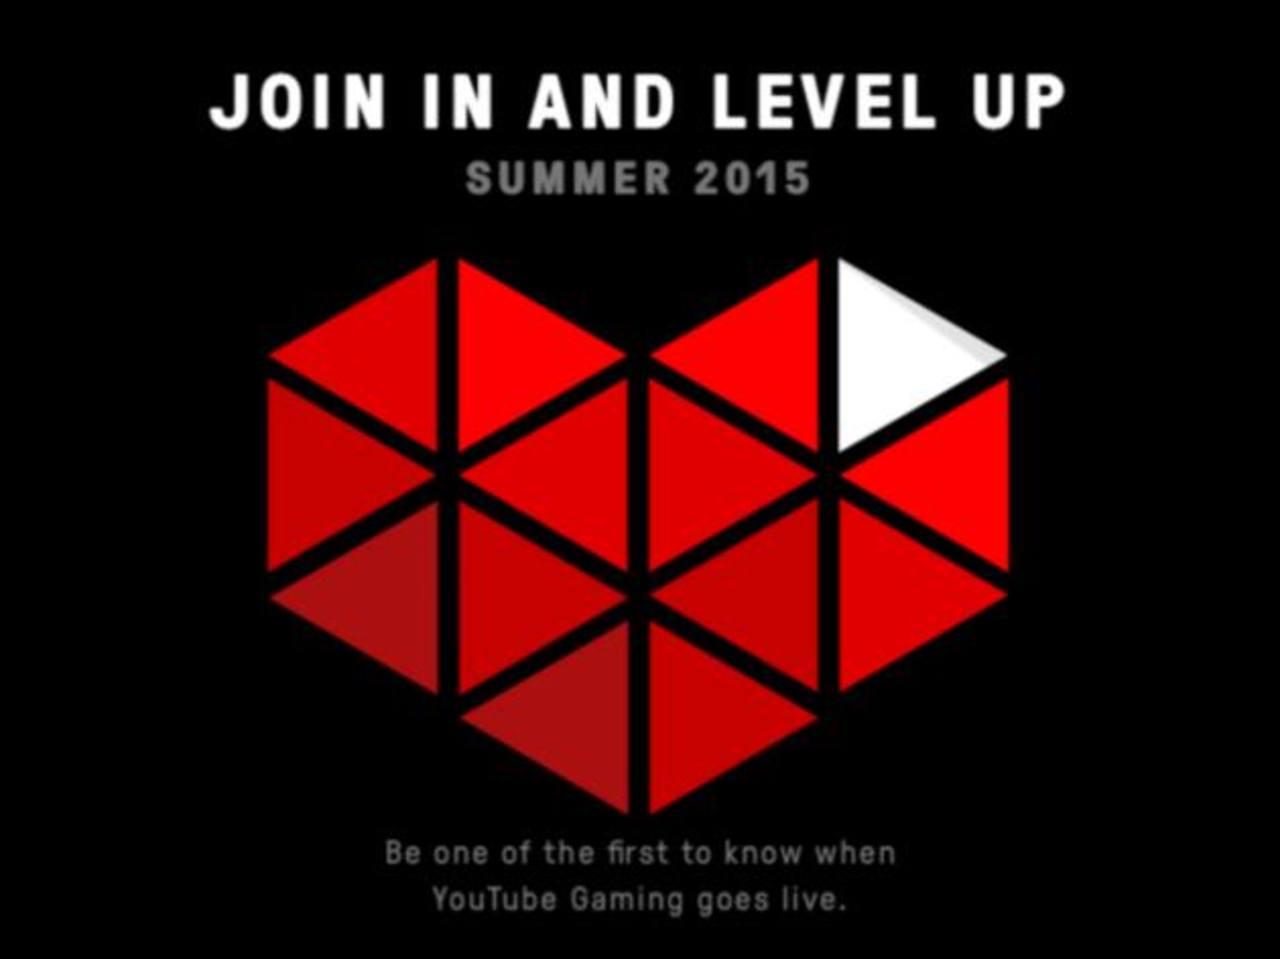 La decisión de YouTube está dirigida a competir con Twitch, el sitio de videojuegos en línea. Foto EDH